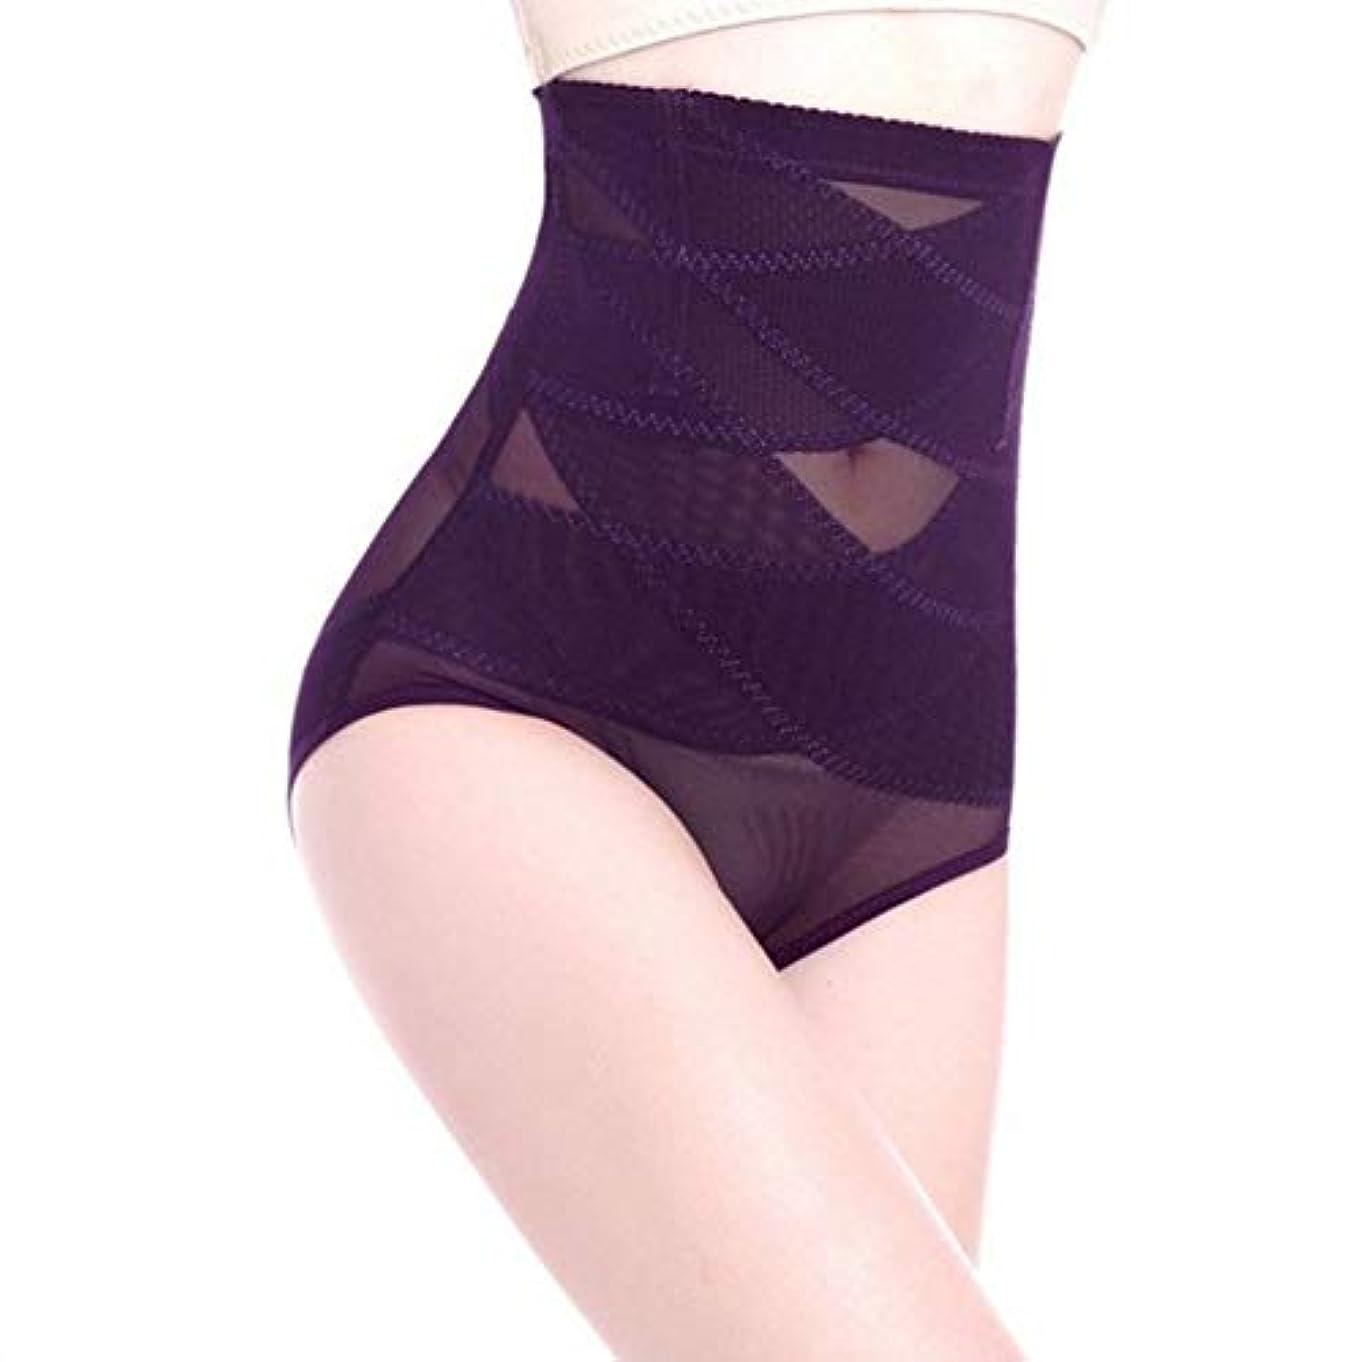 積分効率アイロニー通気性のあるハイウエスト女性痩身腹部コントロール下着シームレスおなかコントロールパンティーバットリフターボディシェイパー - パープル3 XL